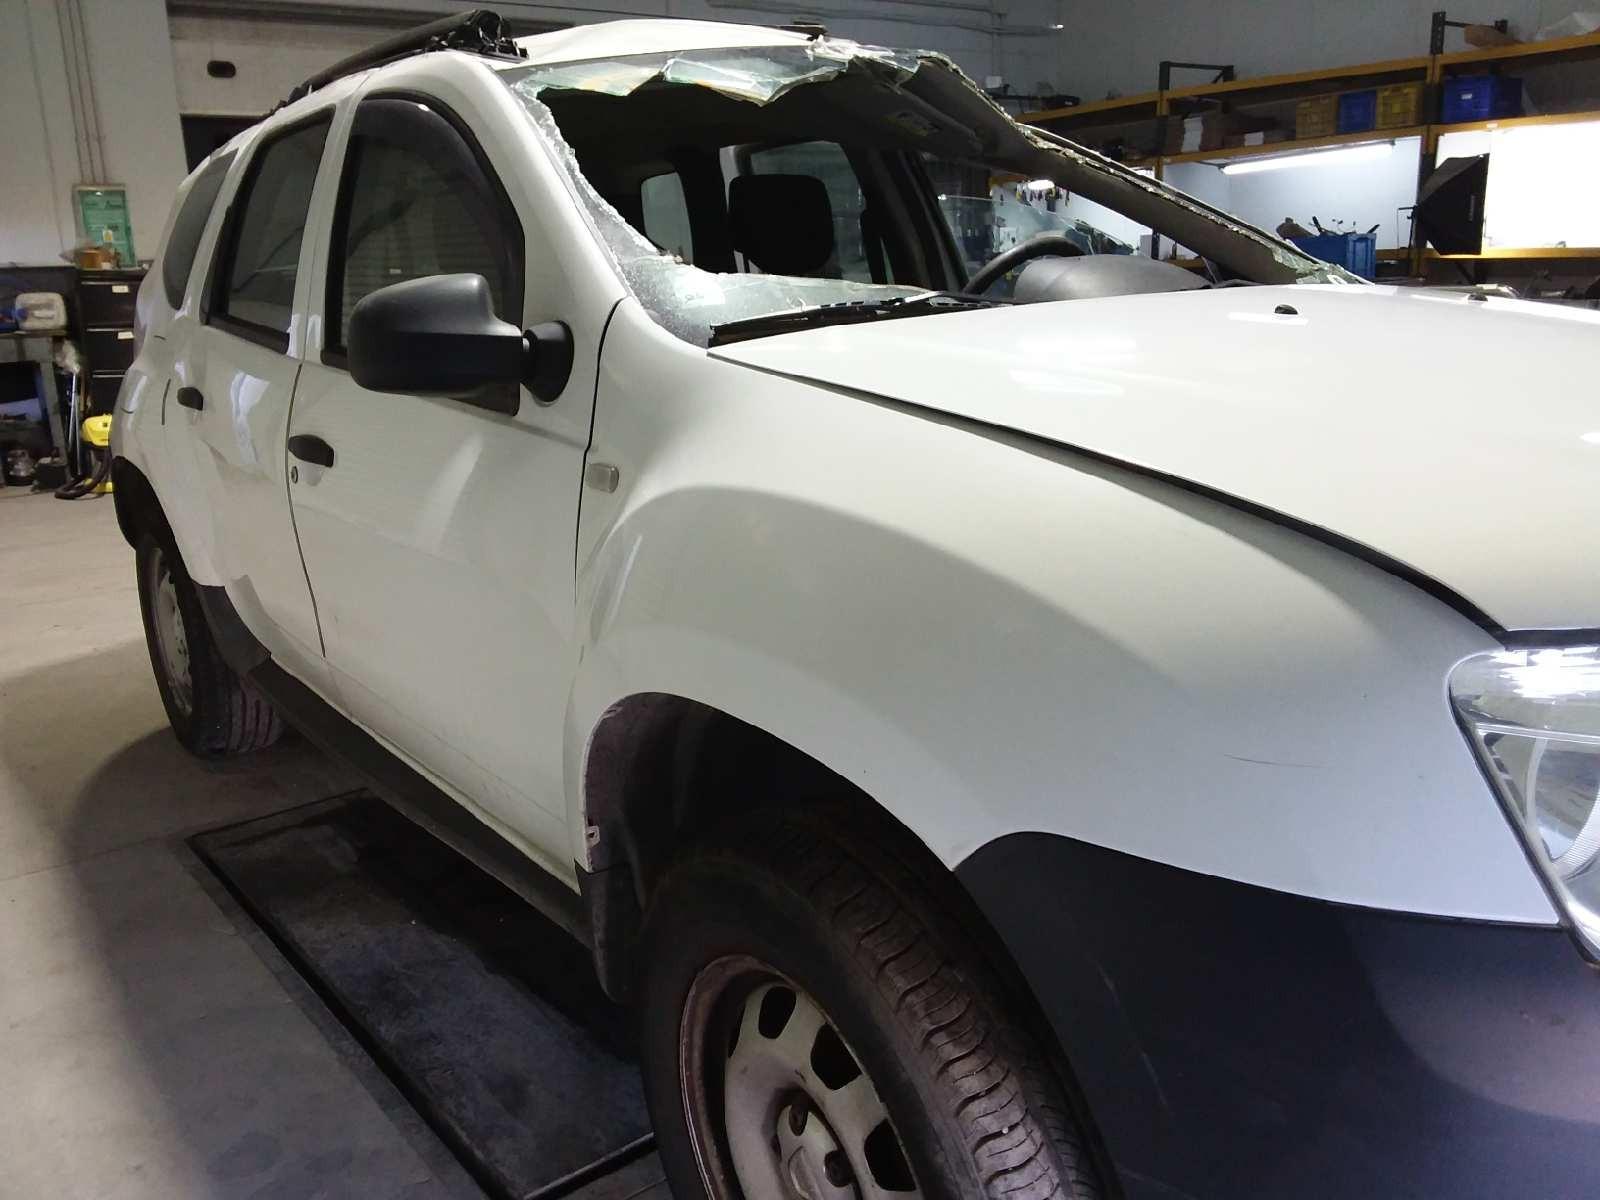 Exterior de 70.1-66.1 Anillos Interior grifos Espaciador ruedas x 4 para Dacia Duster de 10 />